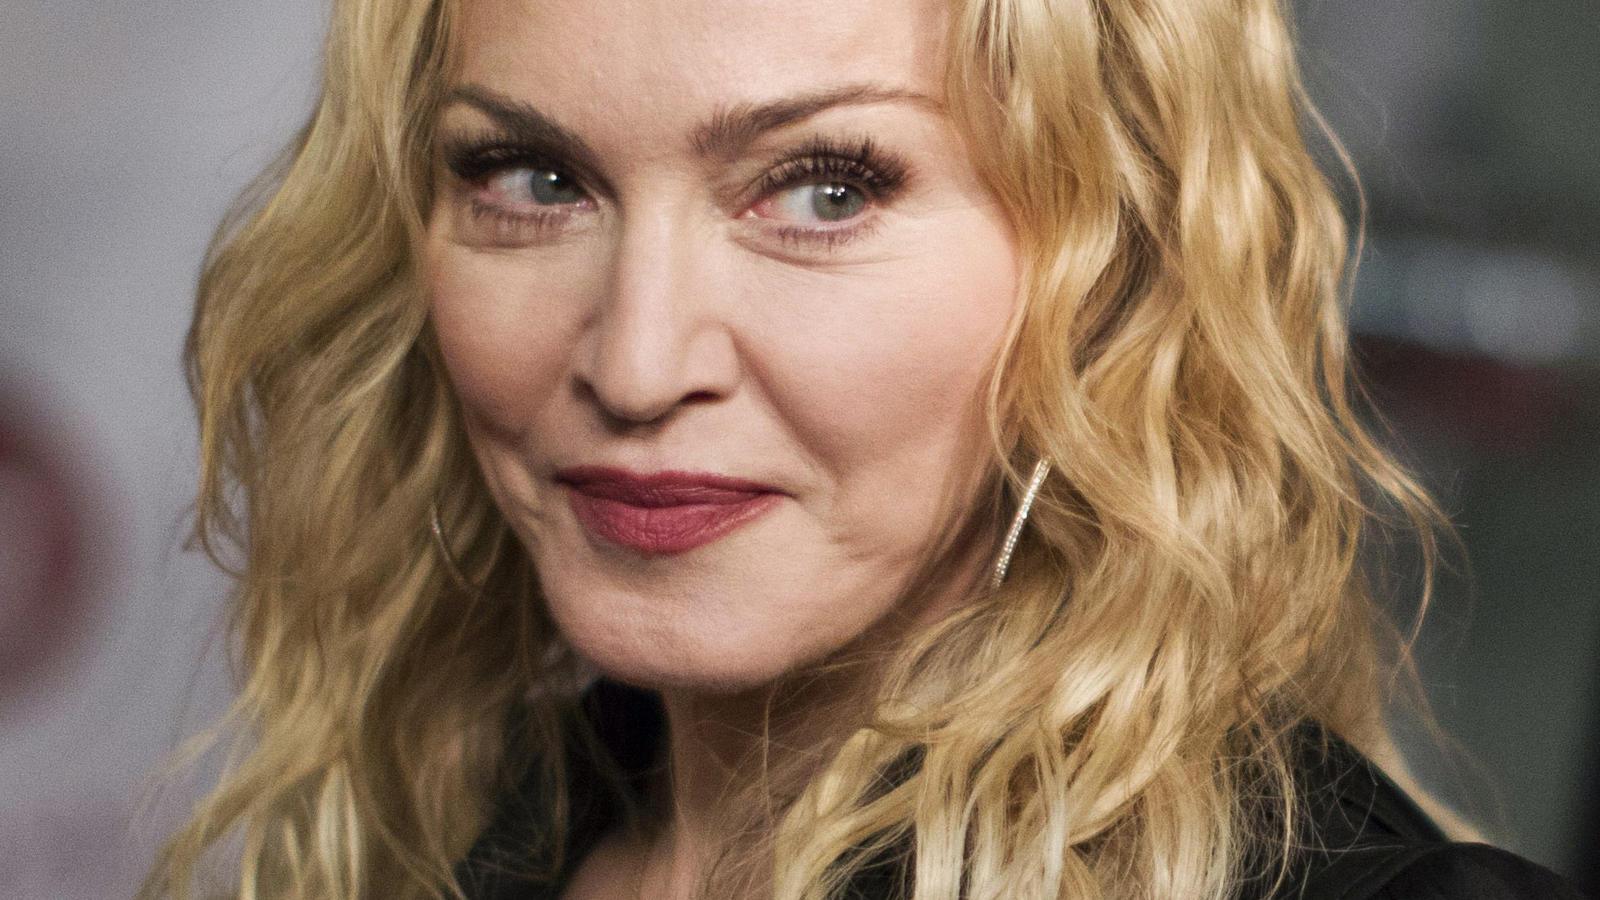 Madonnas neuer Freund sorgt für ordentlich Diskussionen in den USA - auch Talkshow-Queen Wendy Williams mischt mit.